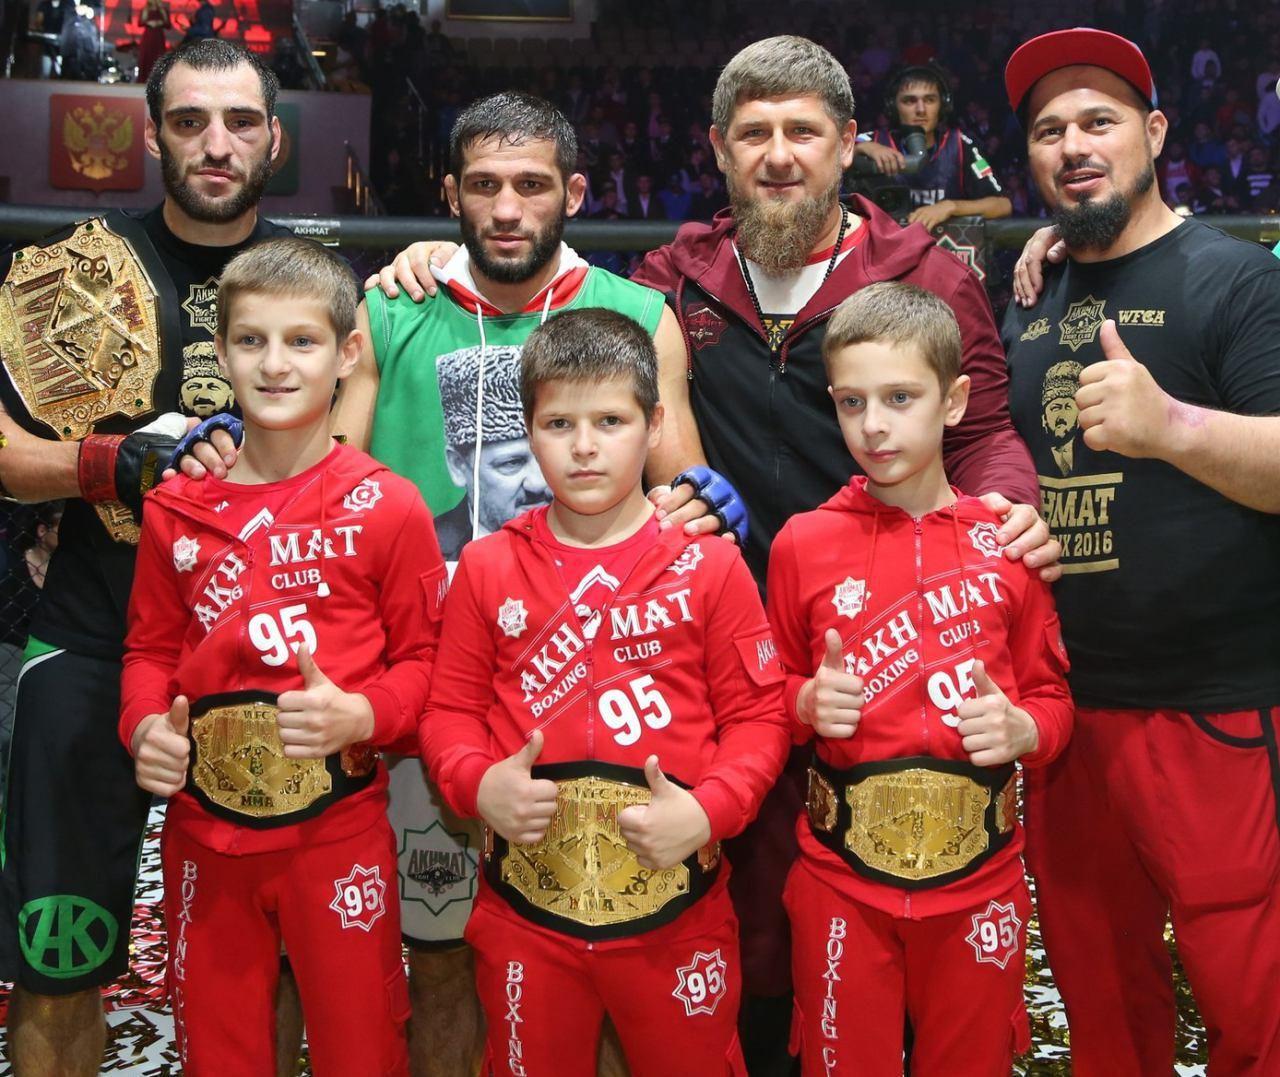 На фото: сыновья Рамзана Кадырова (слева направо) Ахмад, Адам, Зелимхан.www.yuga.ru